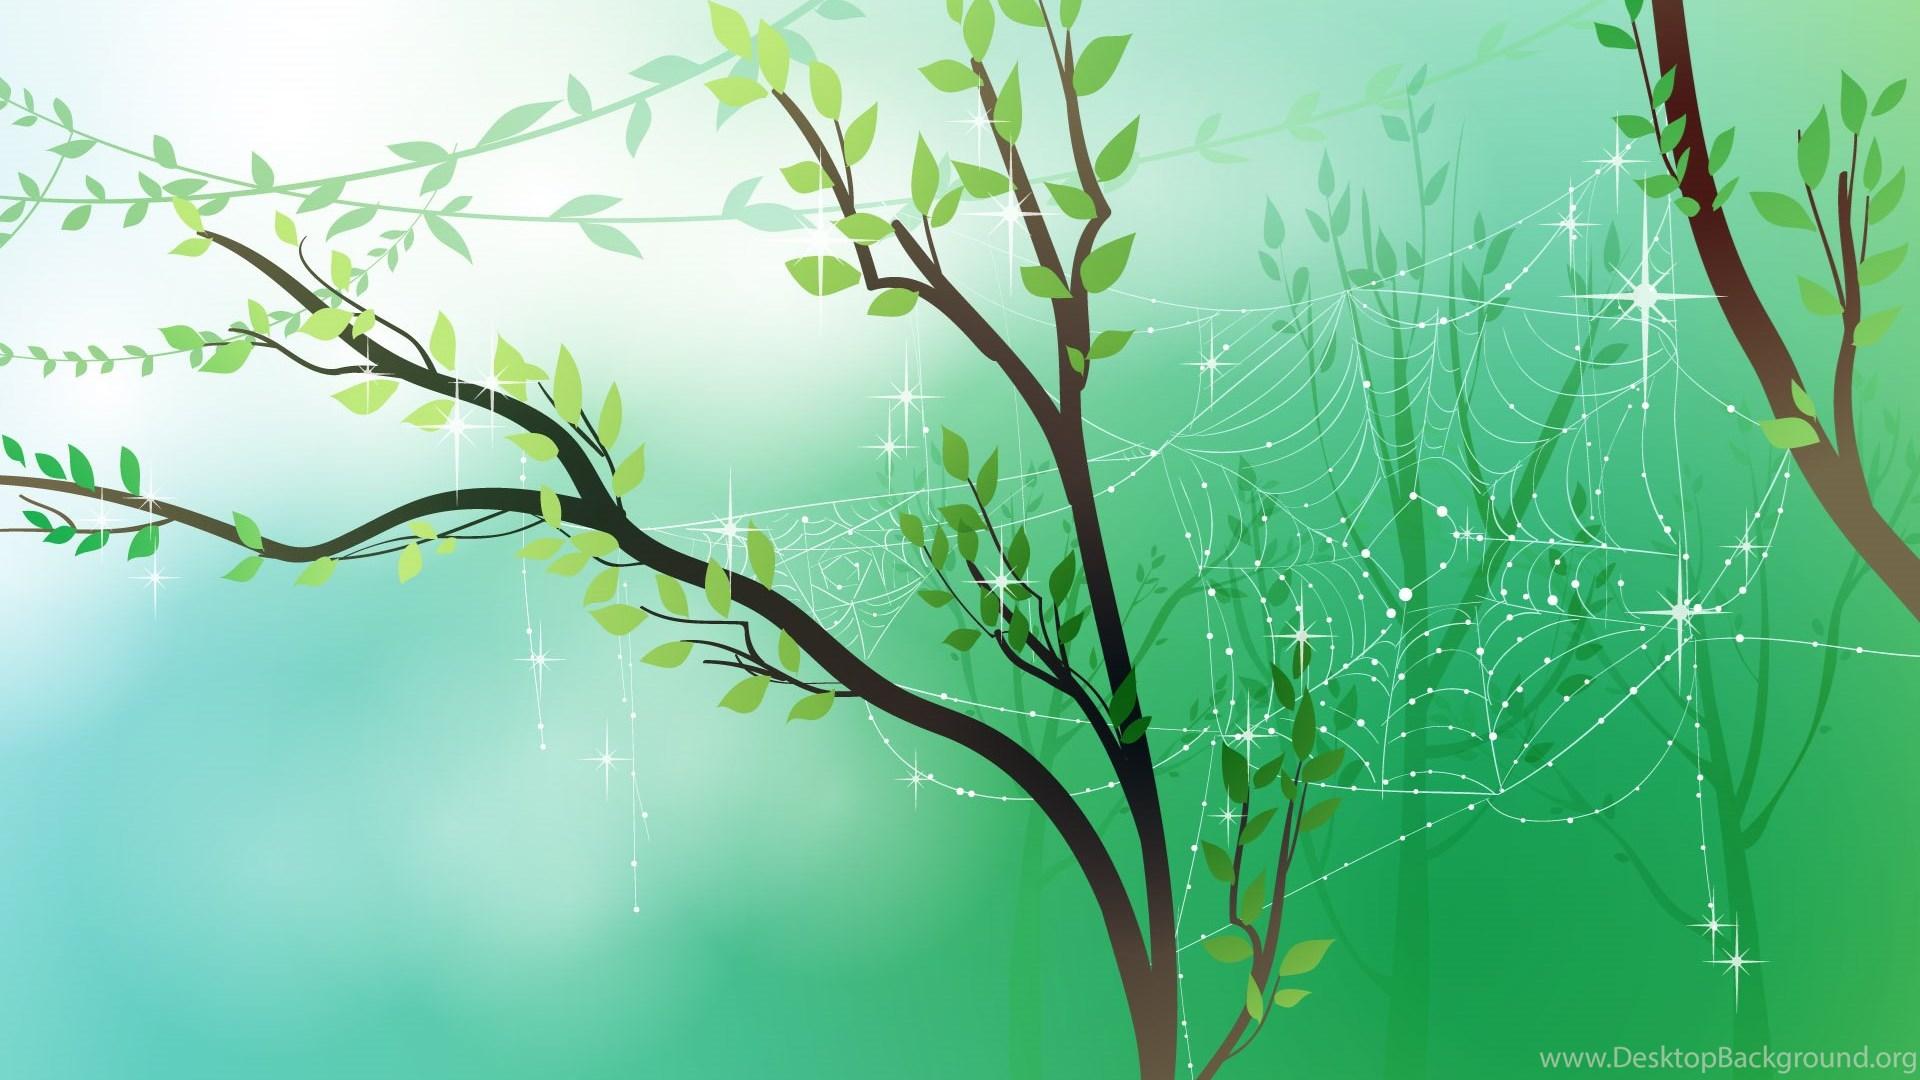 Spring Fresh Morning Wallpaper Scenery Vector Desktop Background